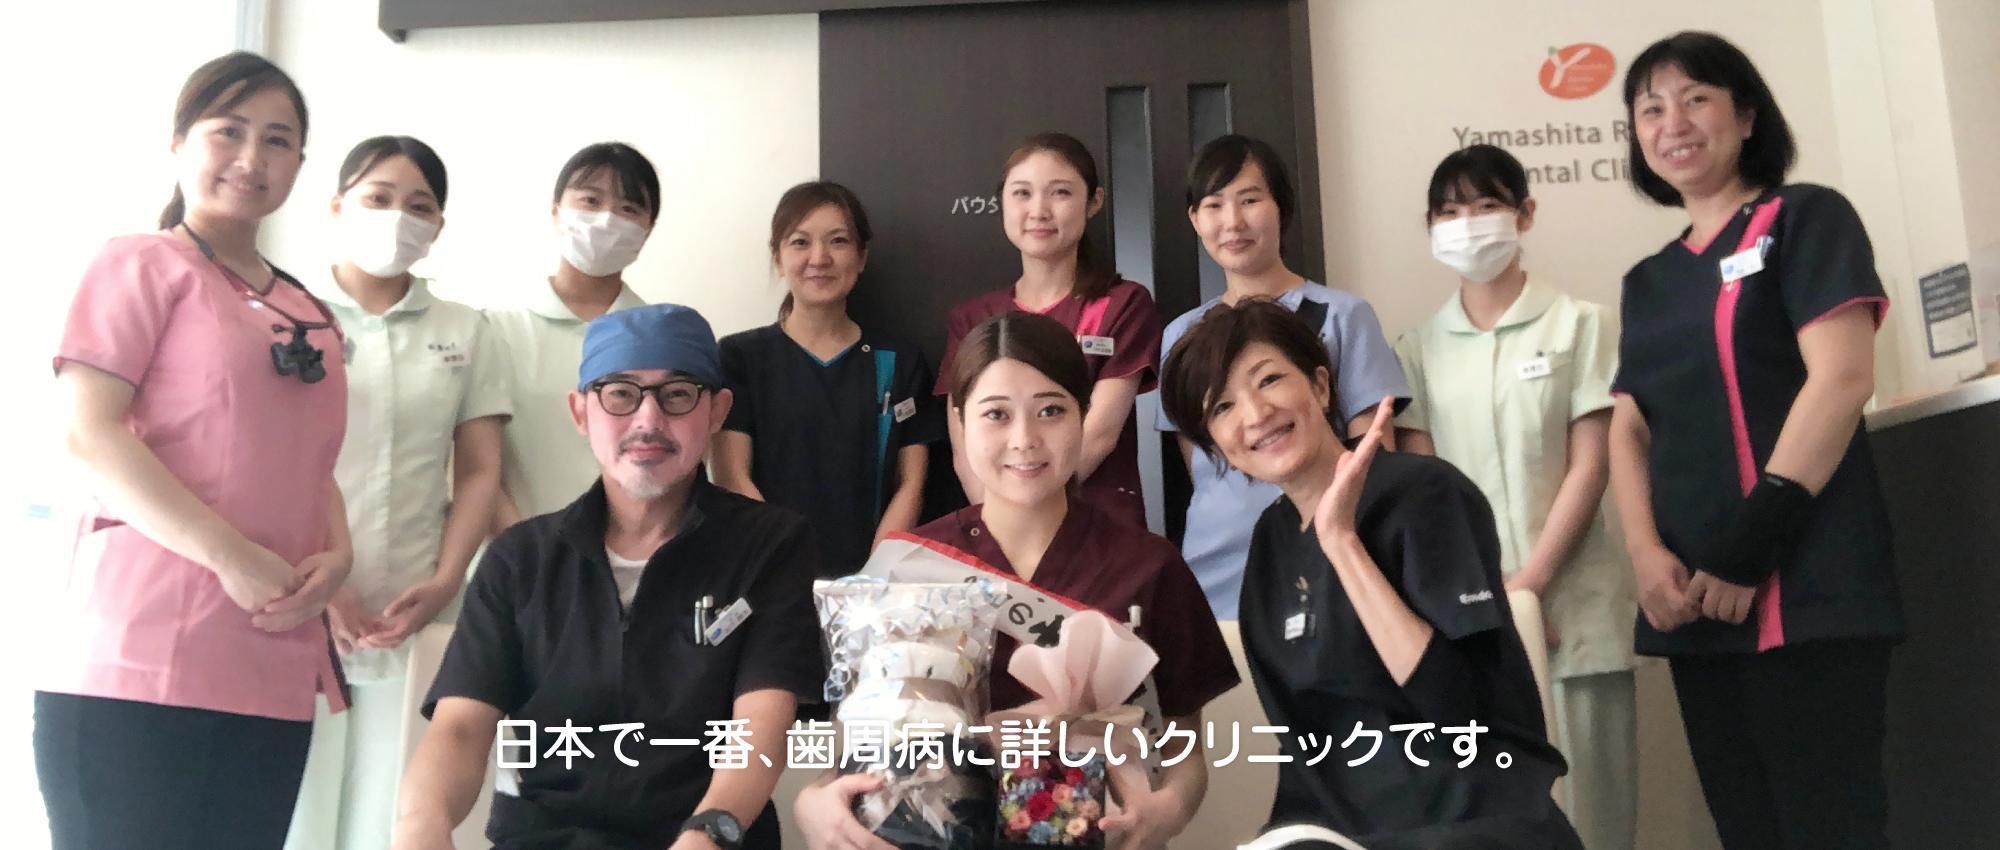 歯周病治療「山下良太歯科クリニック」